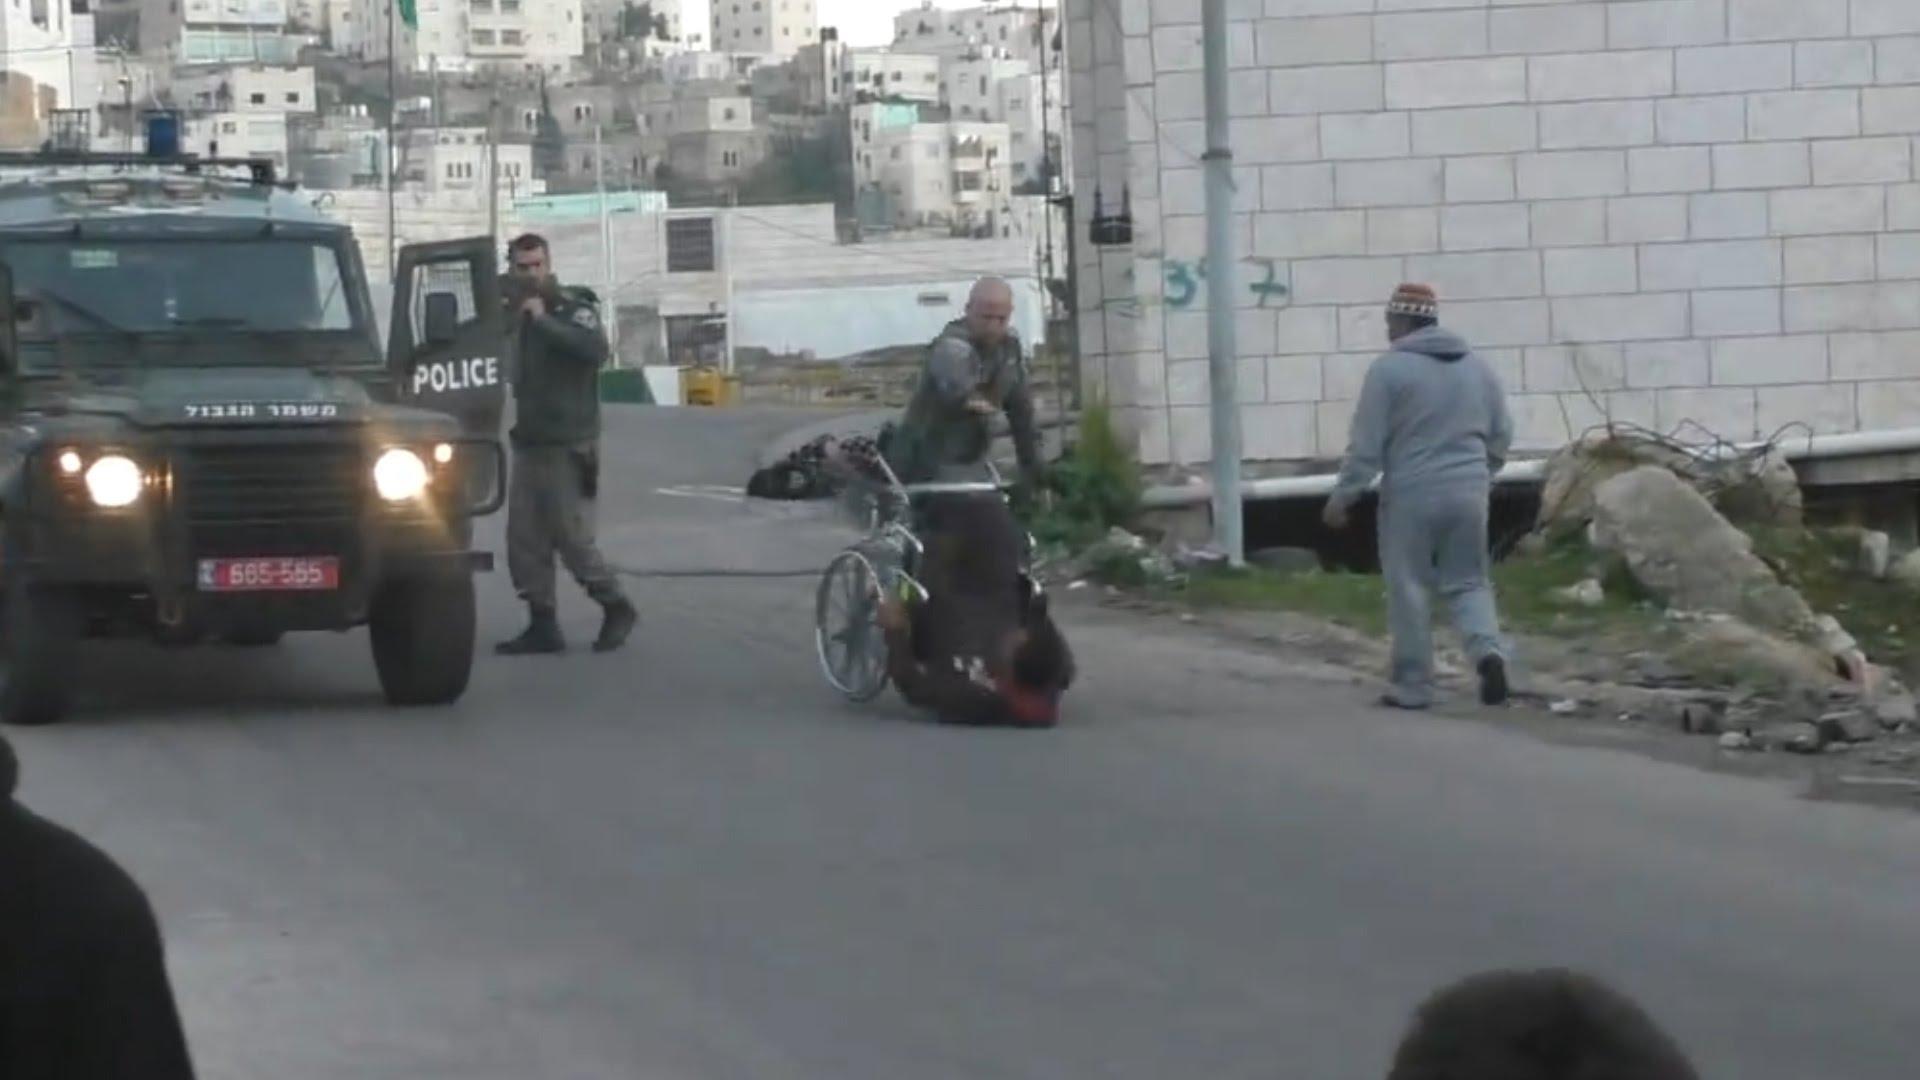 Israeli Border Police Officer Flips Over Man In Wheelchair